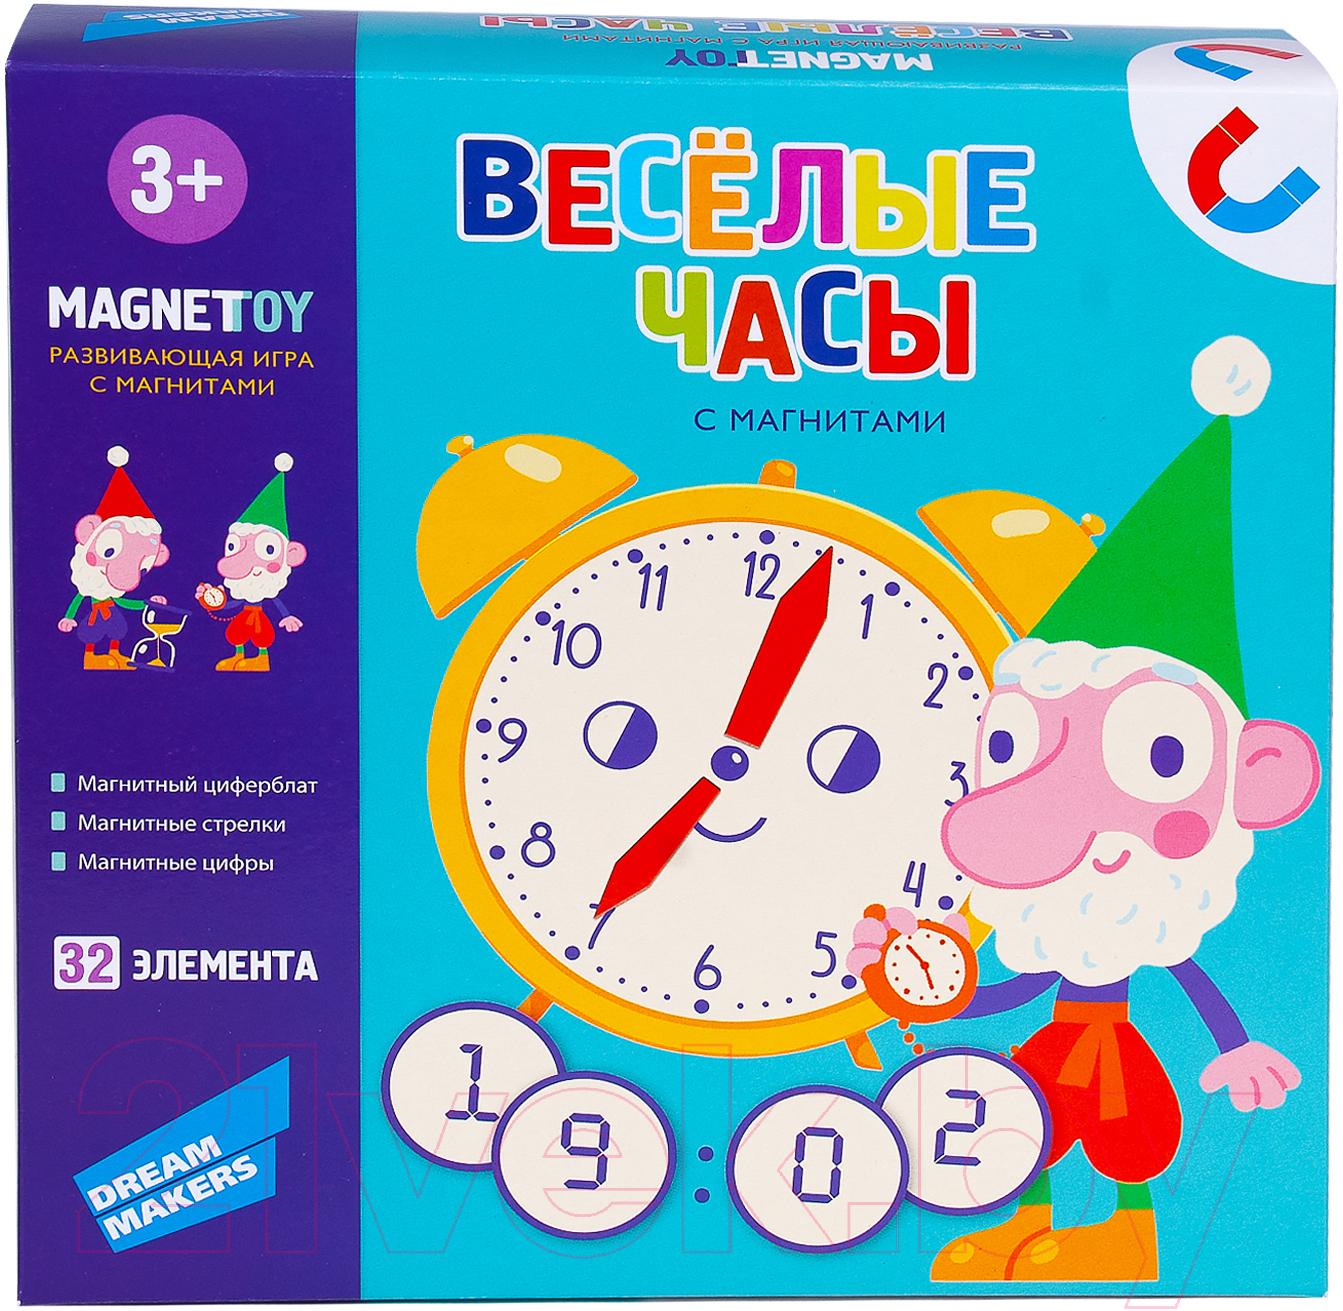 Купить Настольная игра Dream Makers, Веселые часы / MI1904, Китай